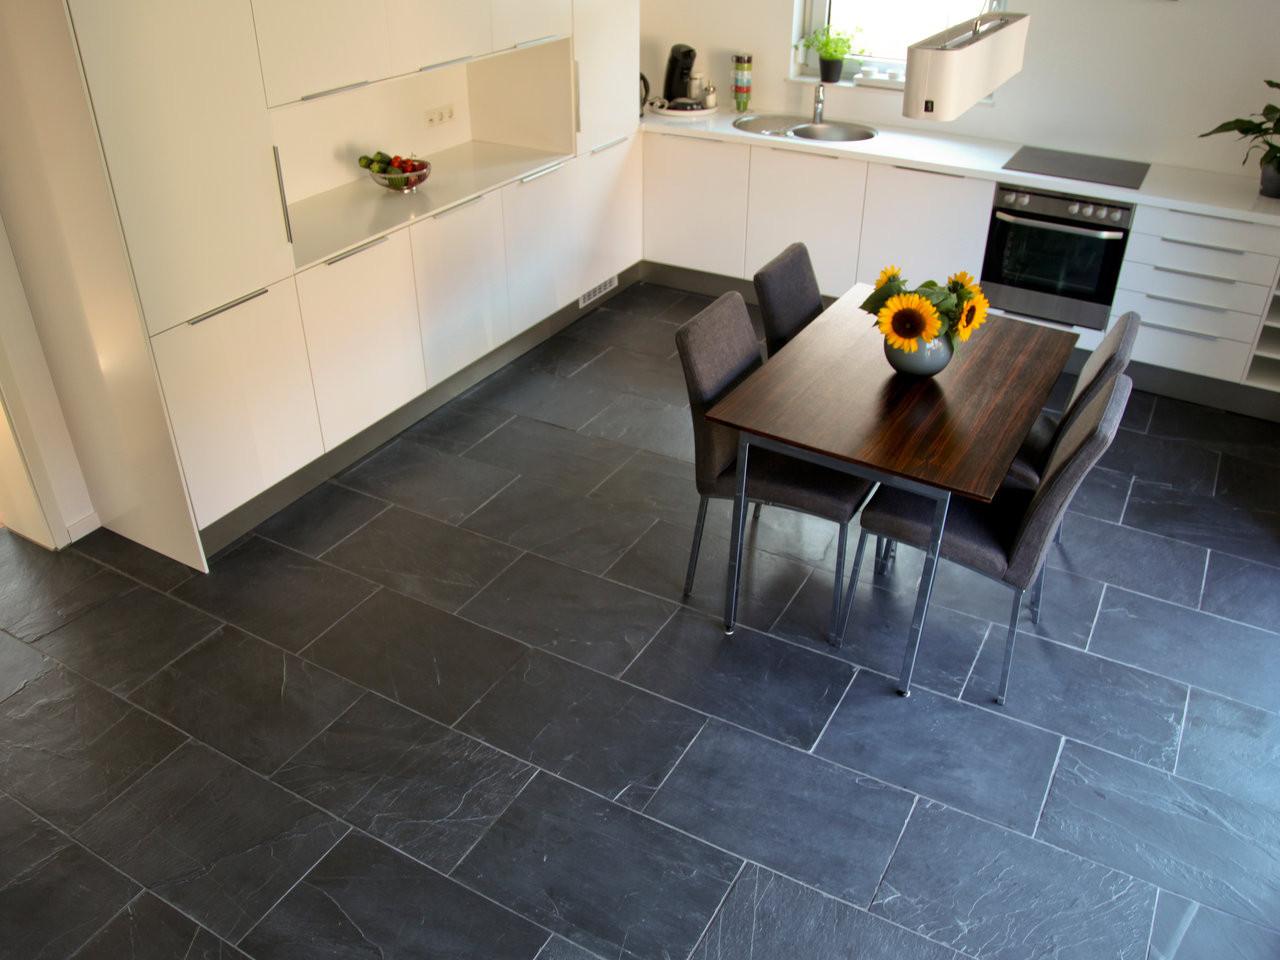 Fliesen Küche  Kundenfoto Schiefer Fliesen Black Rustic in der Küche